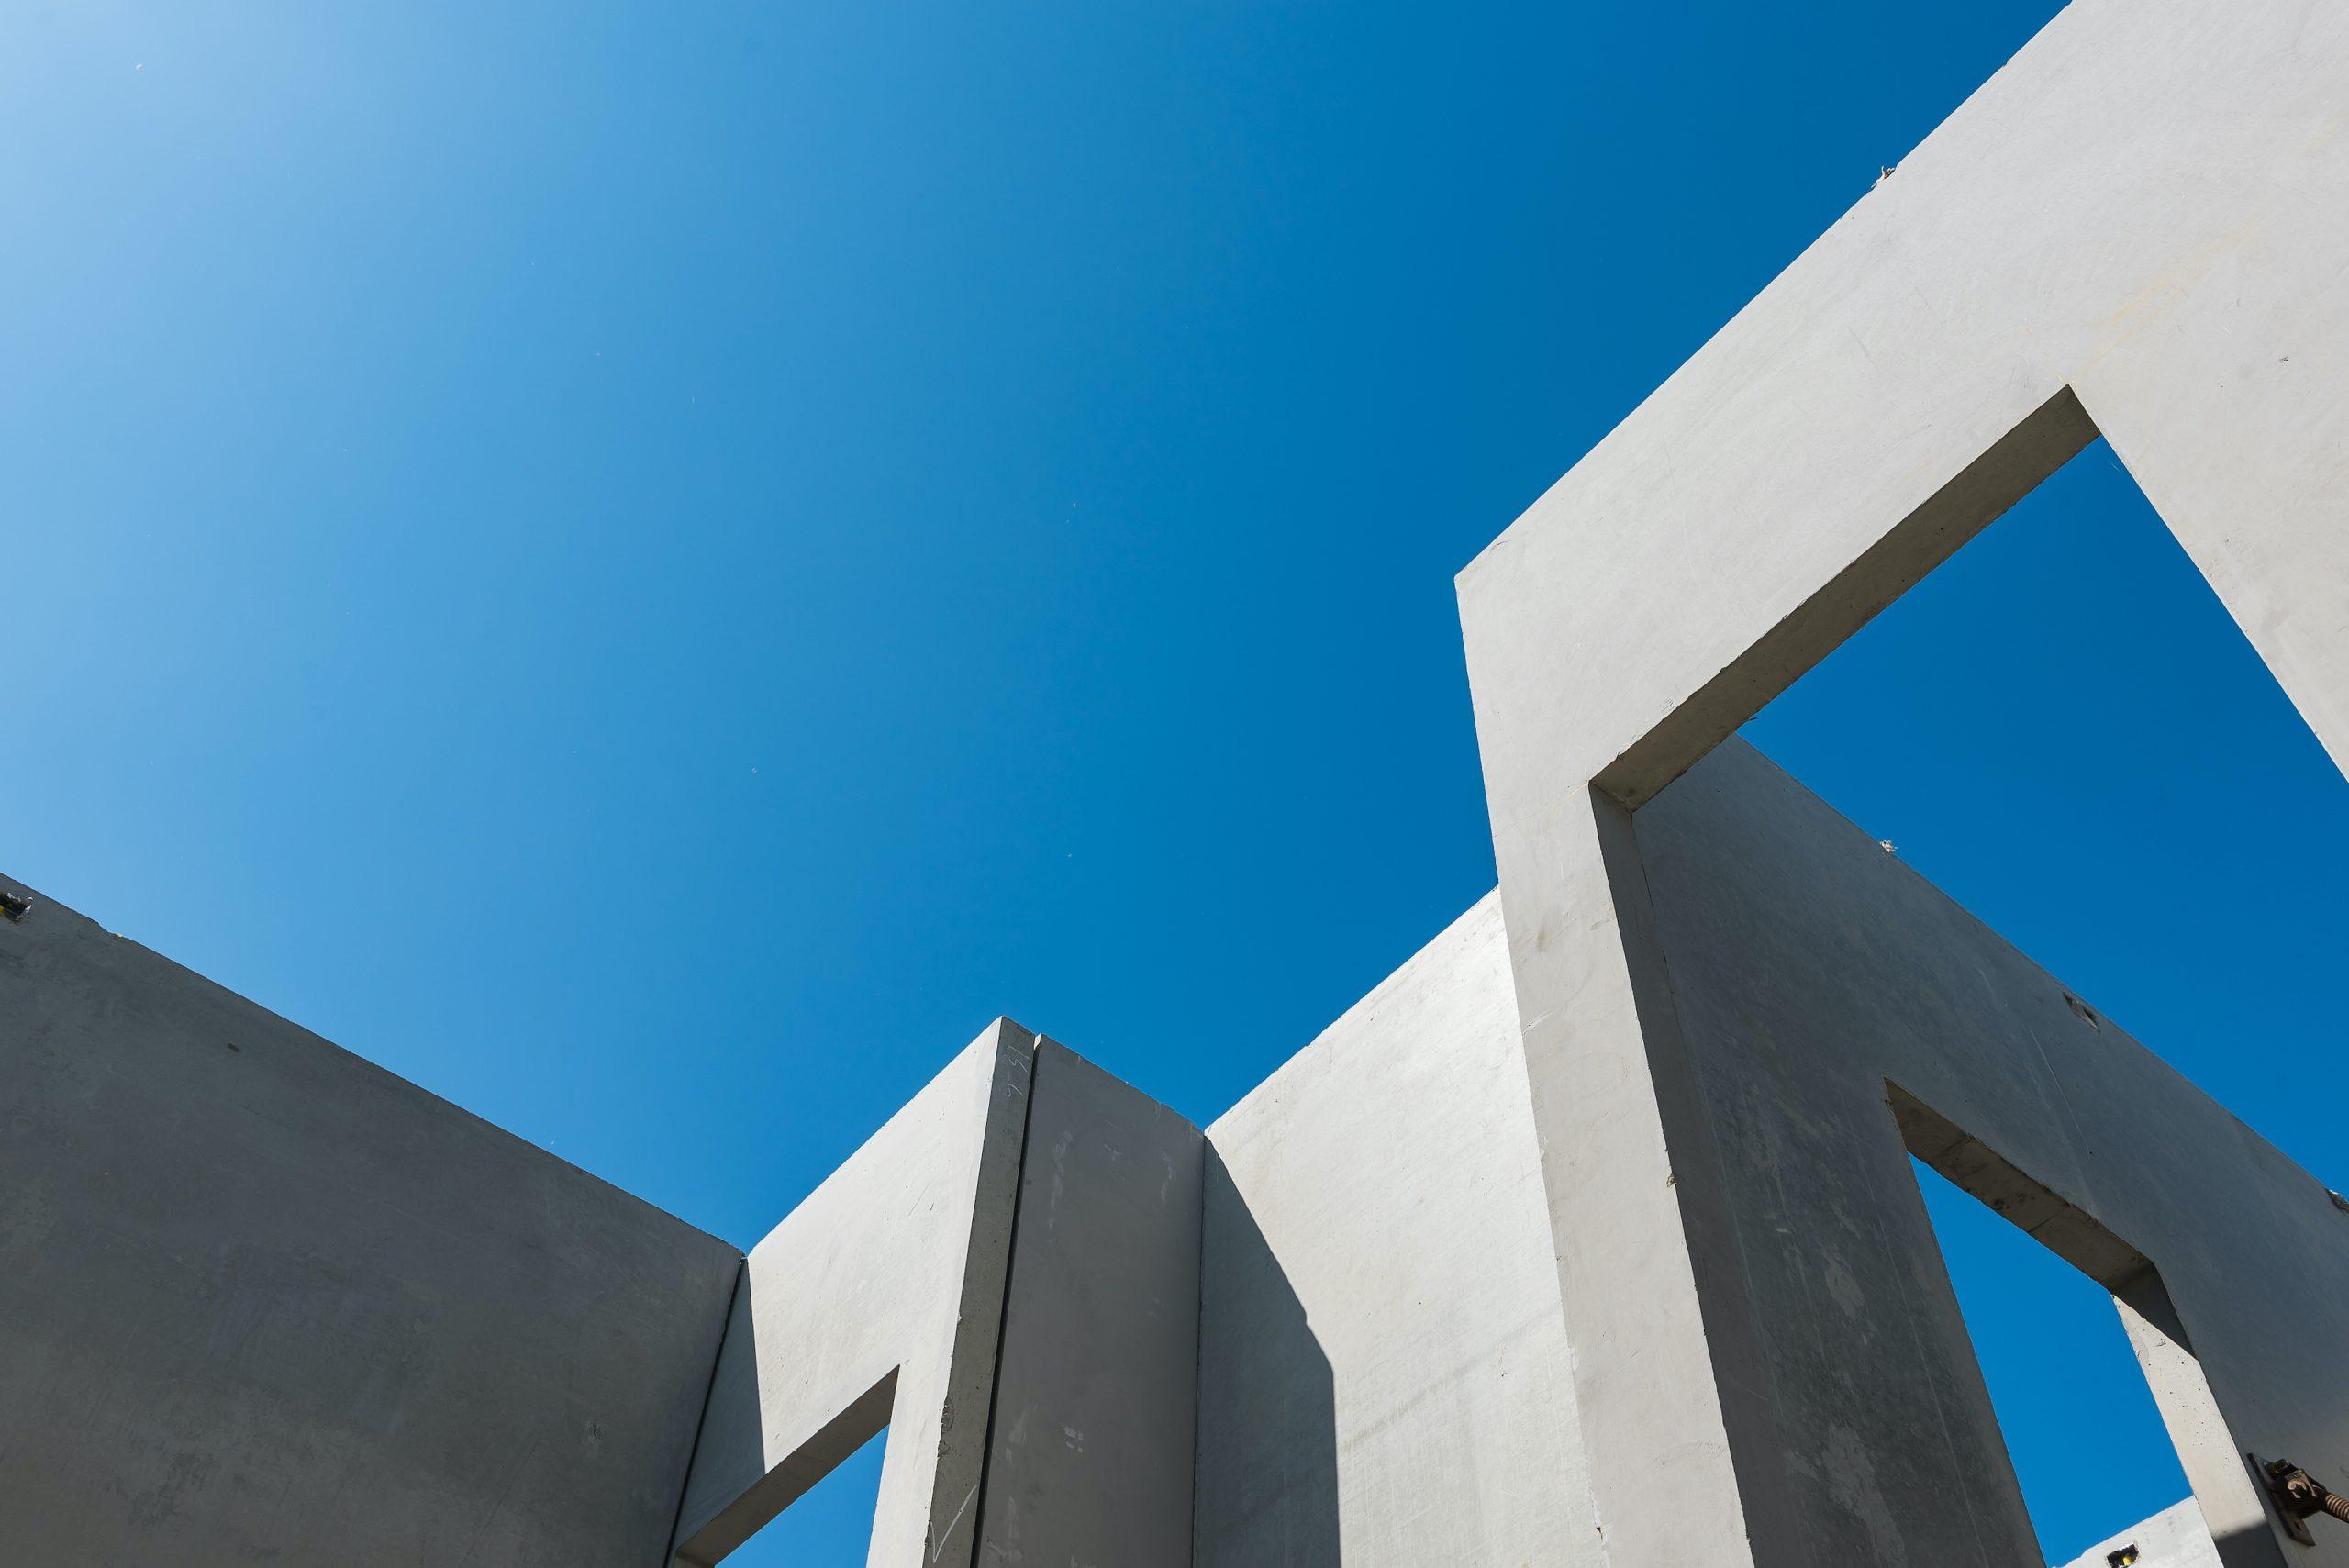 Building blue sky